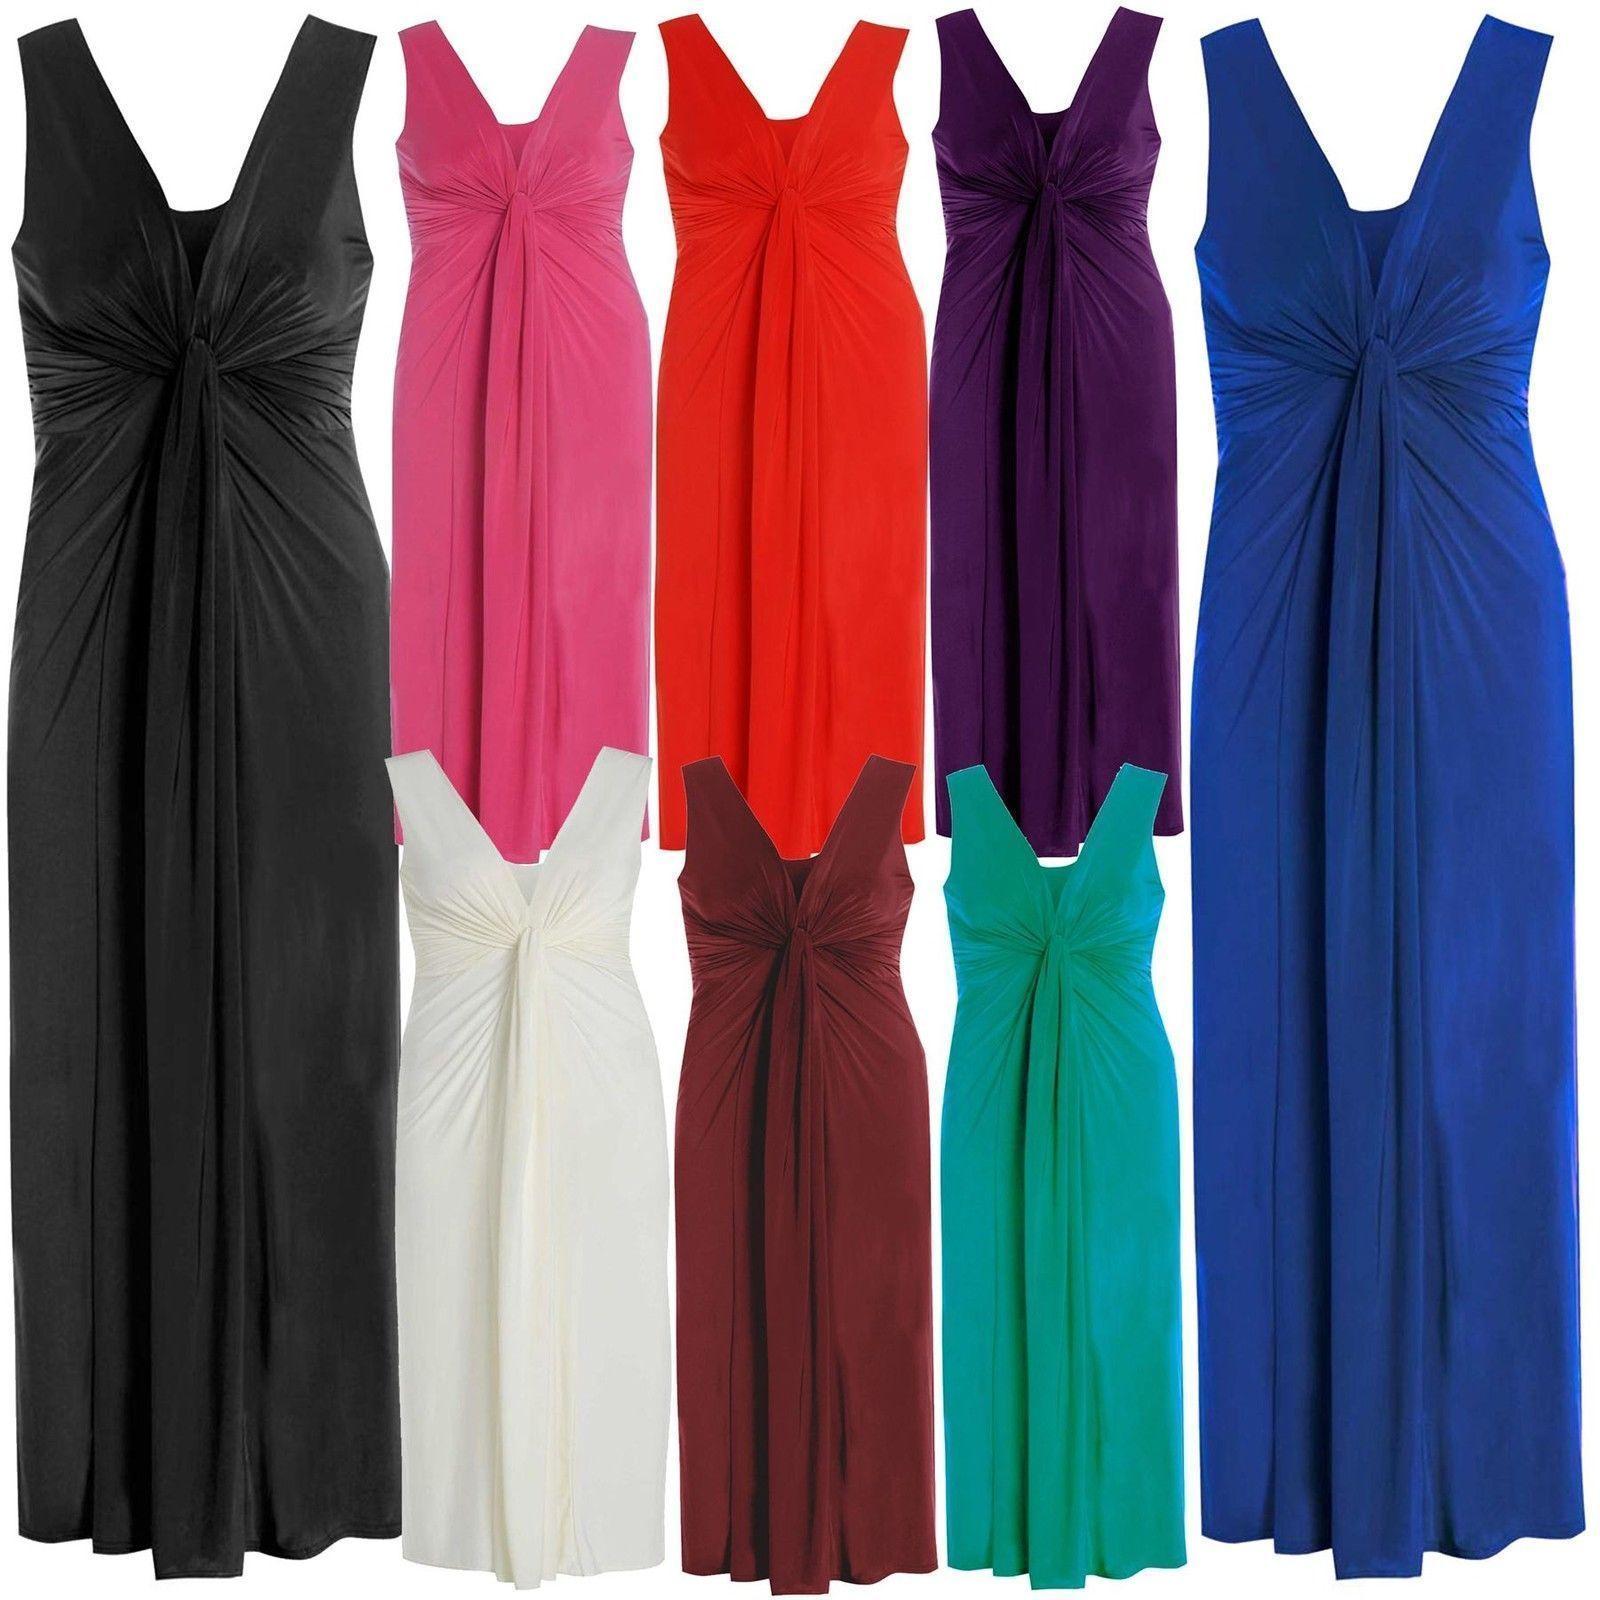 Womens twist knot panel grecian boob ladies long evening maxi dress